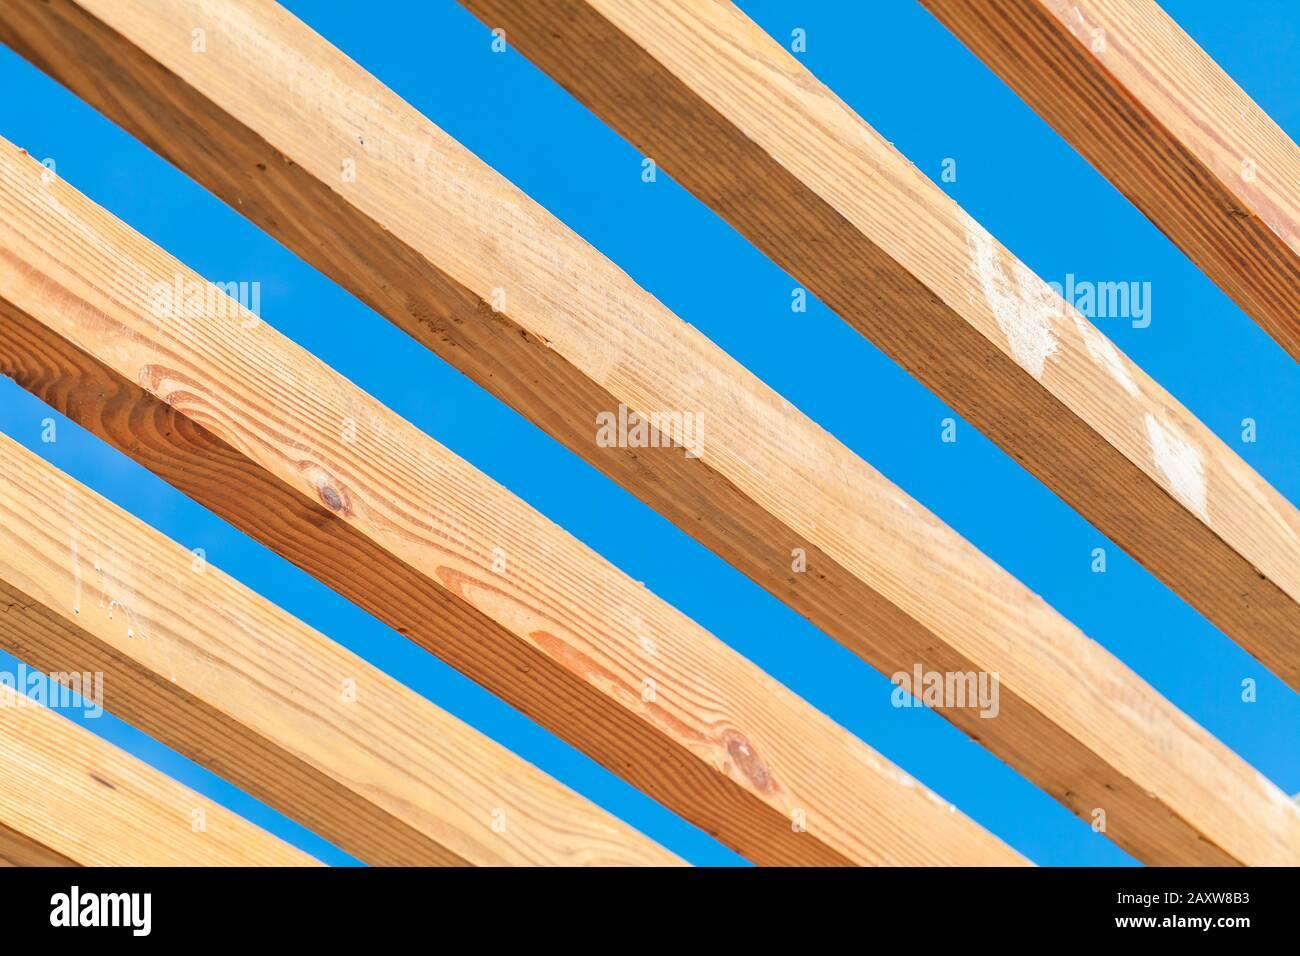 Tavole Di Legno In Una Fila Struttura Tendina Parasole Frammento Sotto Il Cielo Blu Al Giorno Di Sole Foto Stock Alamy